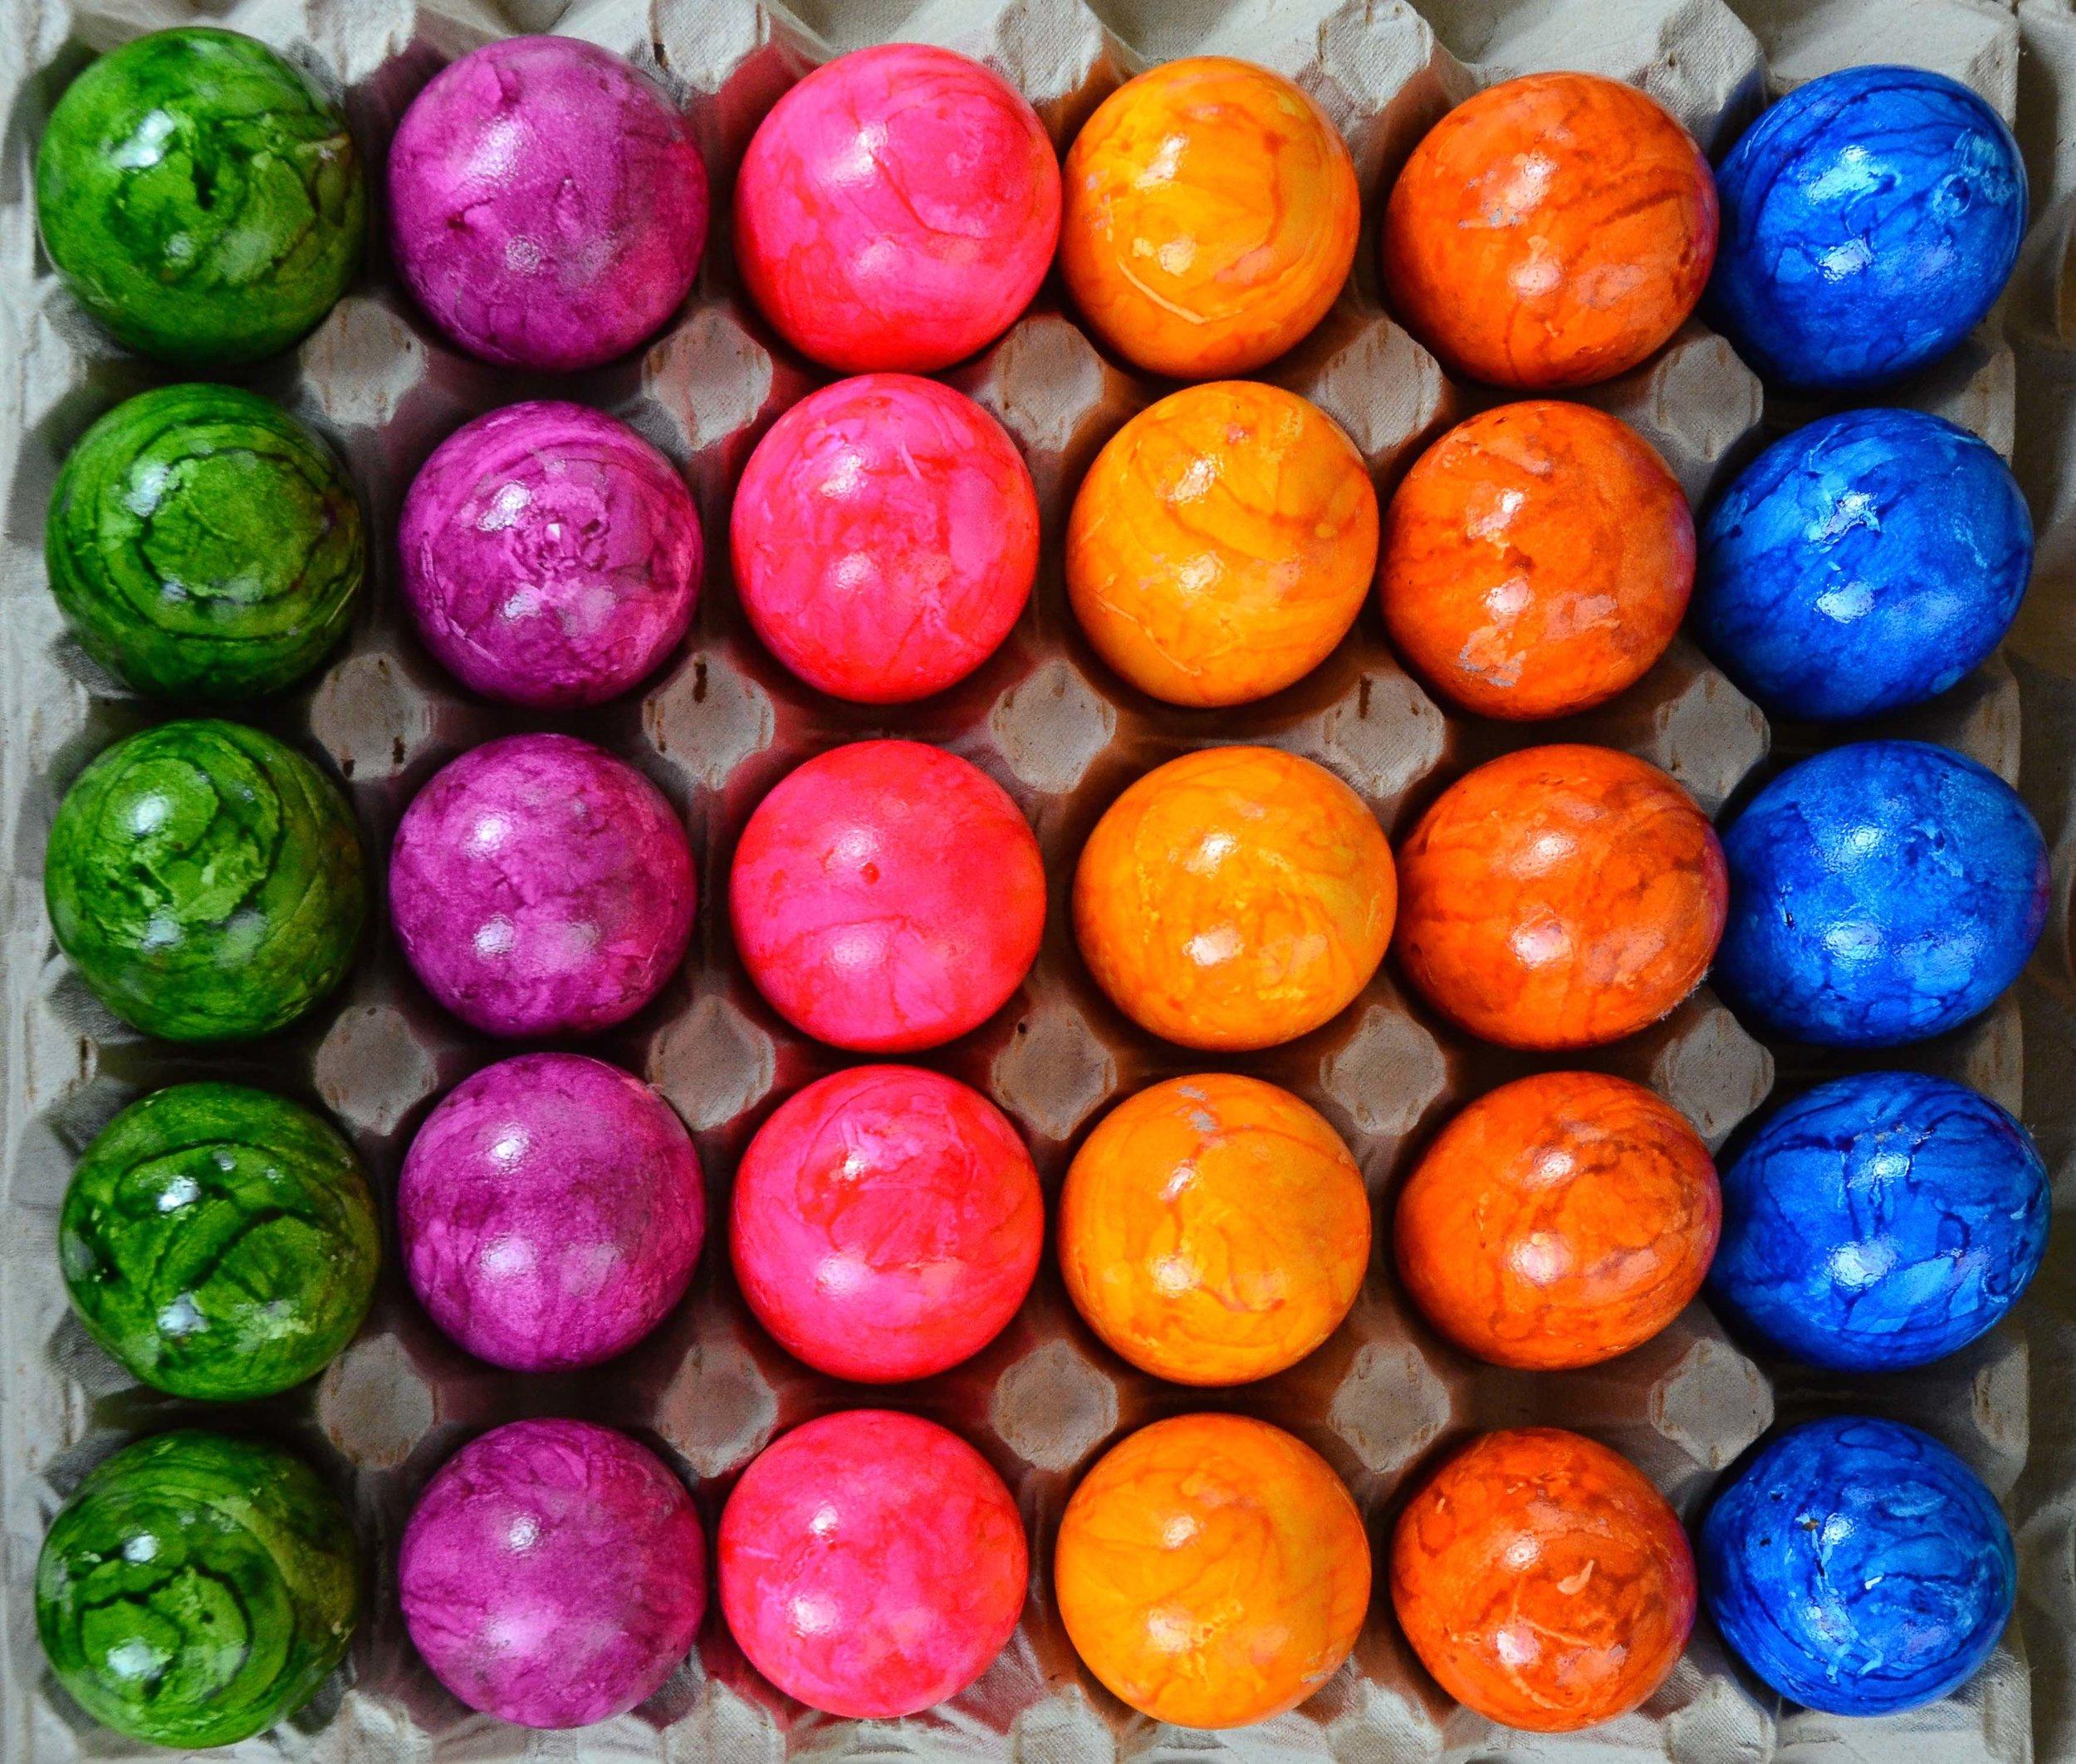 Marble Eggs. Berlin, Germany 2014